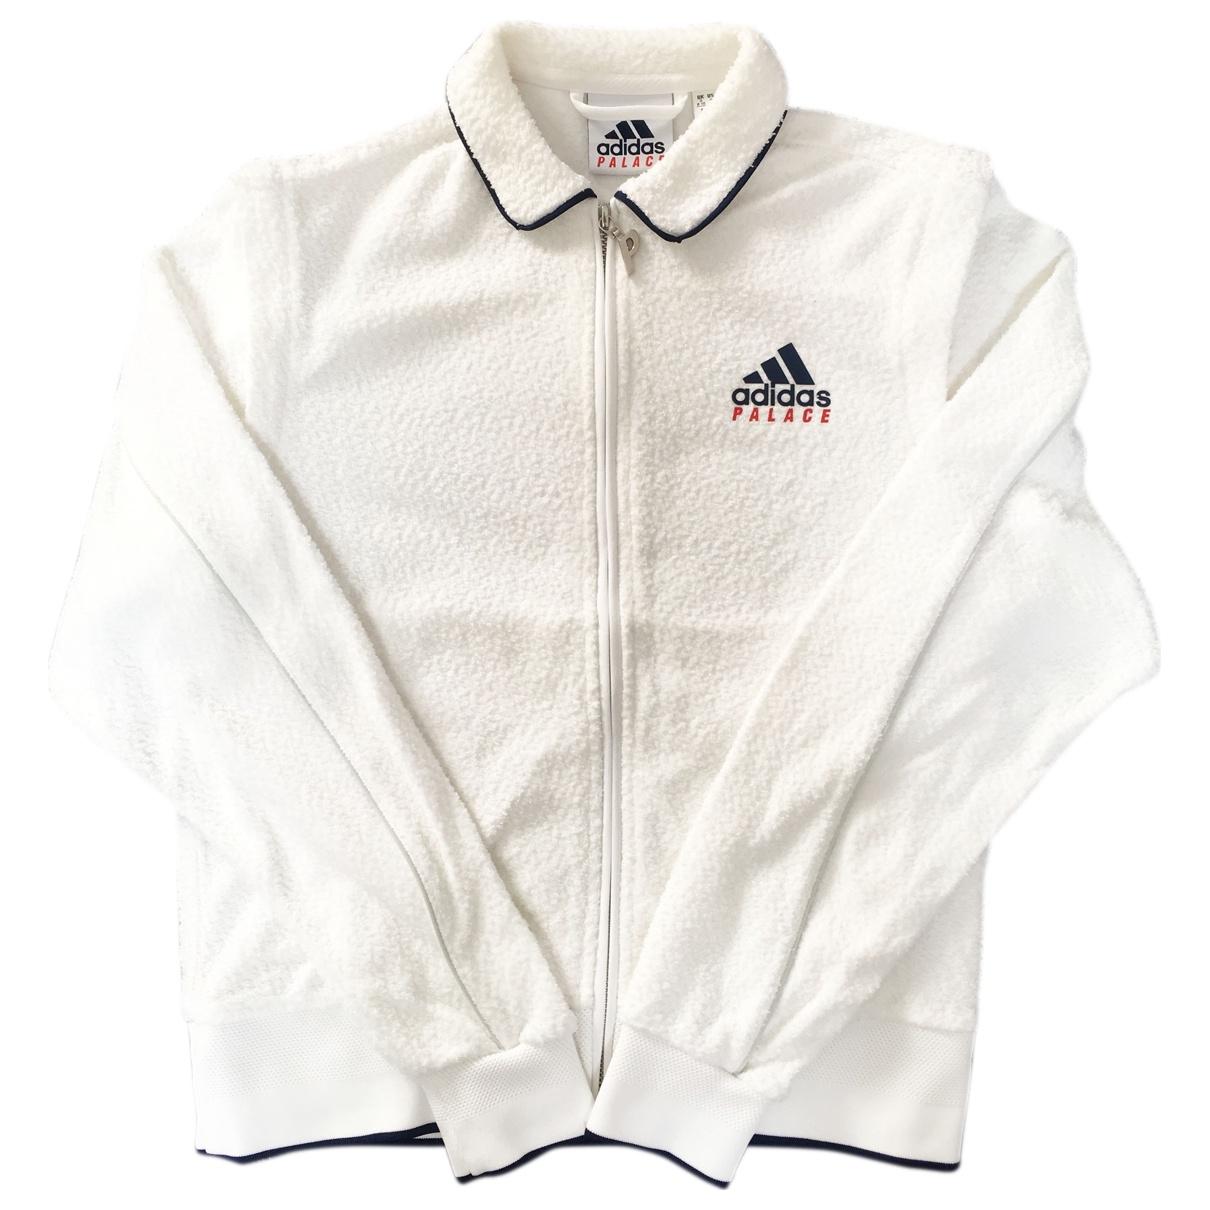 Palace X Adidas - Veste   pour femme en coton - blanc